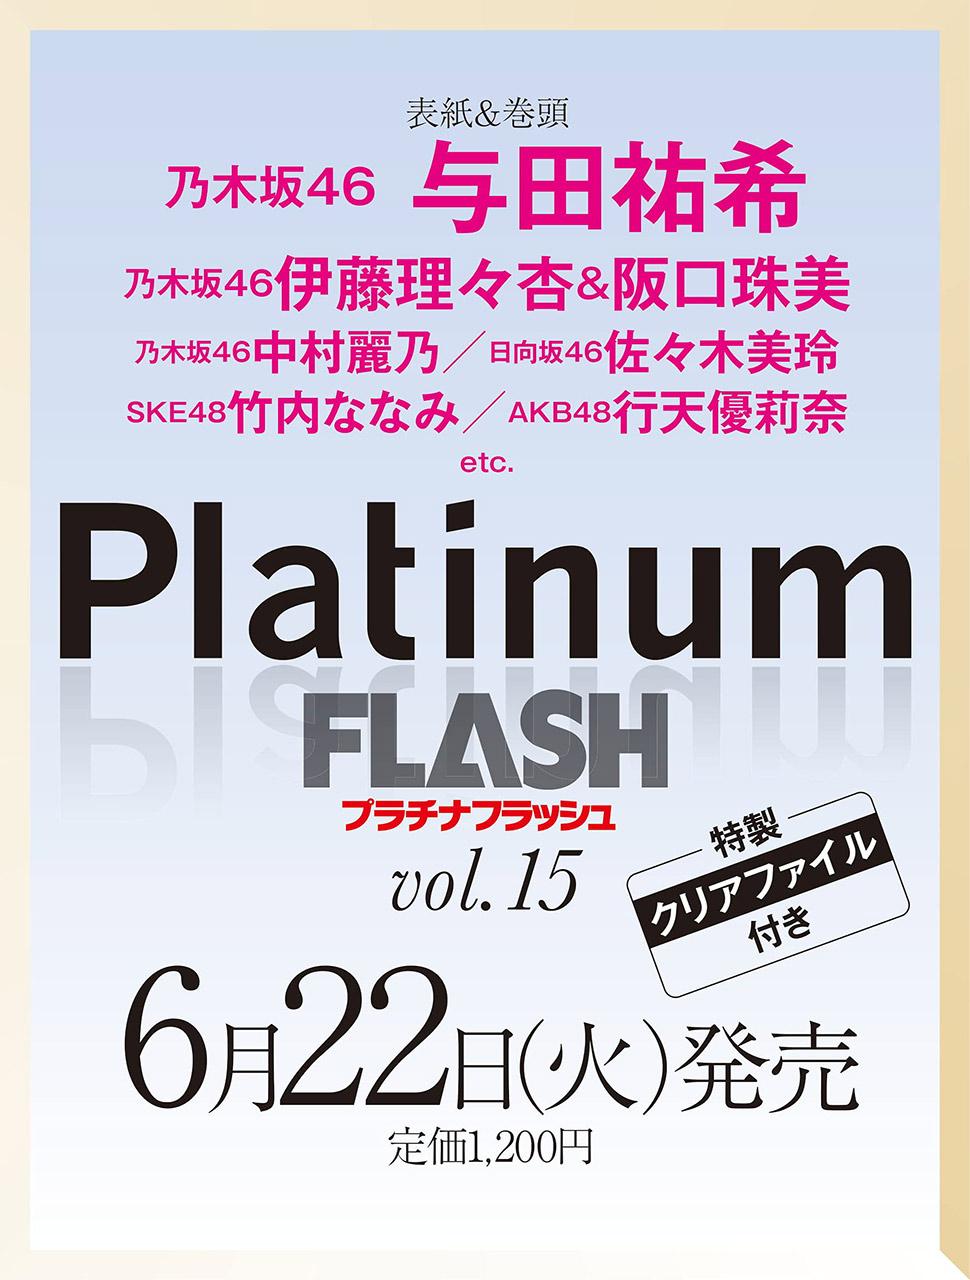 乃木坂46 与田祐希、表紙&巻頭特集!「Platinum FLASH vol.15」6/22発売!